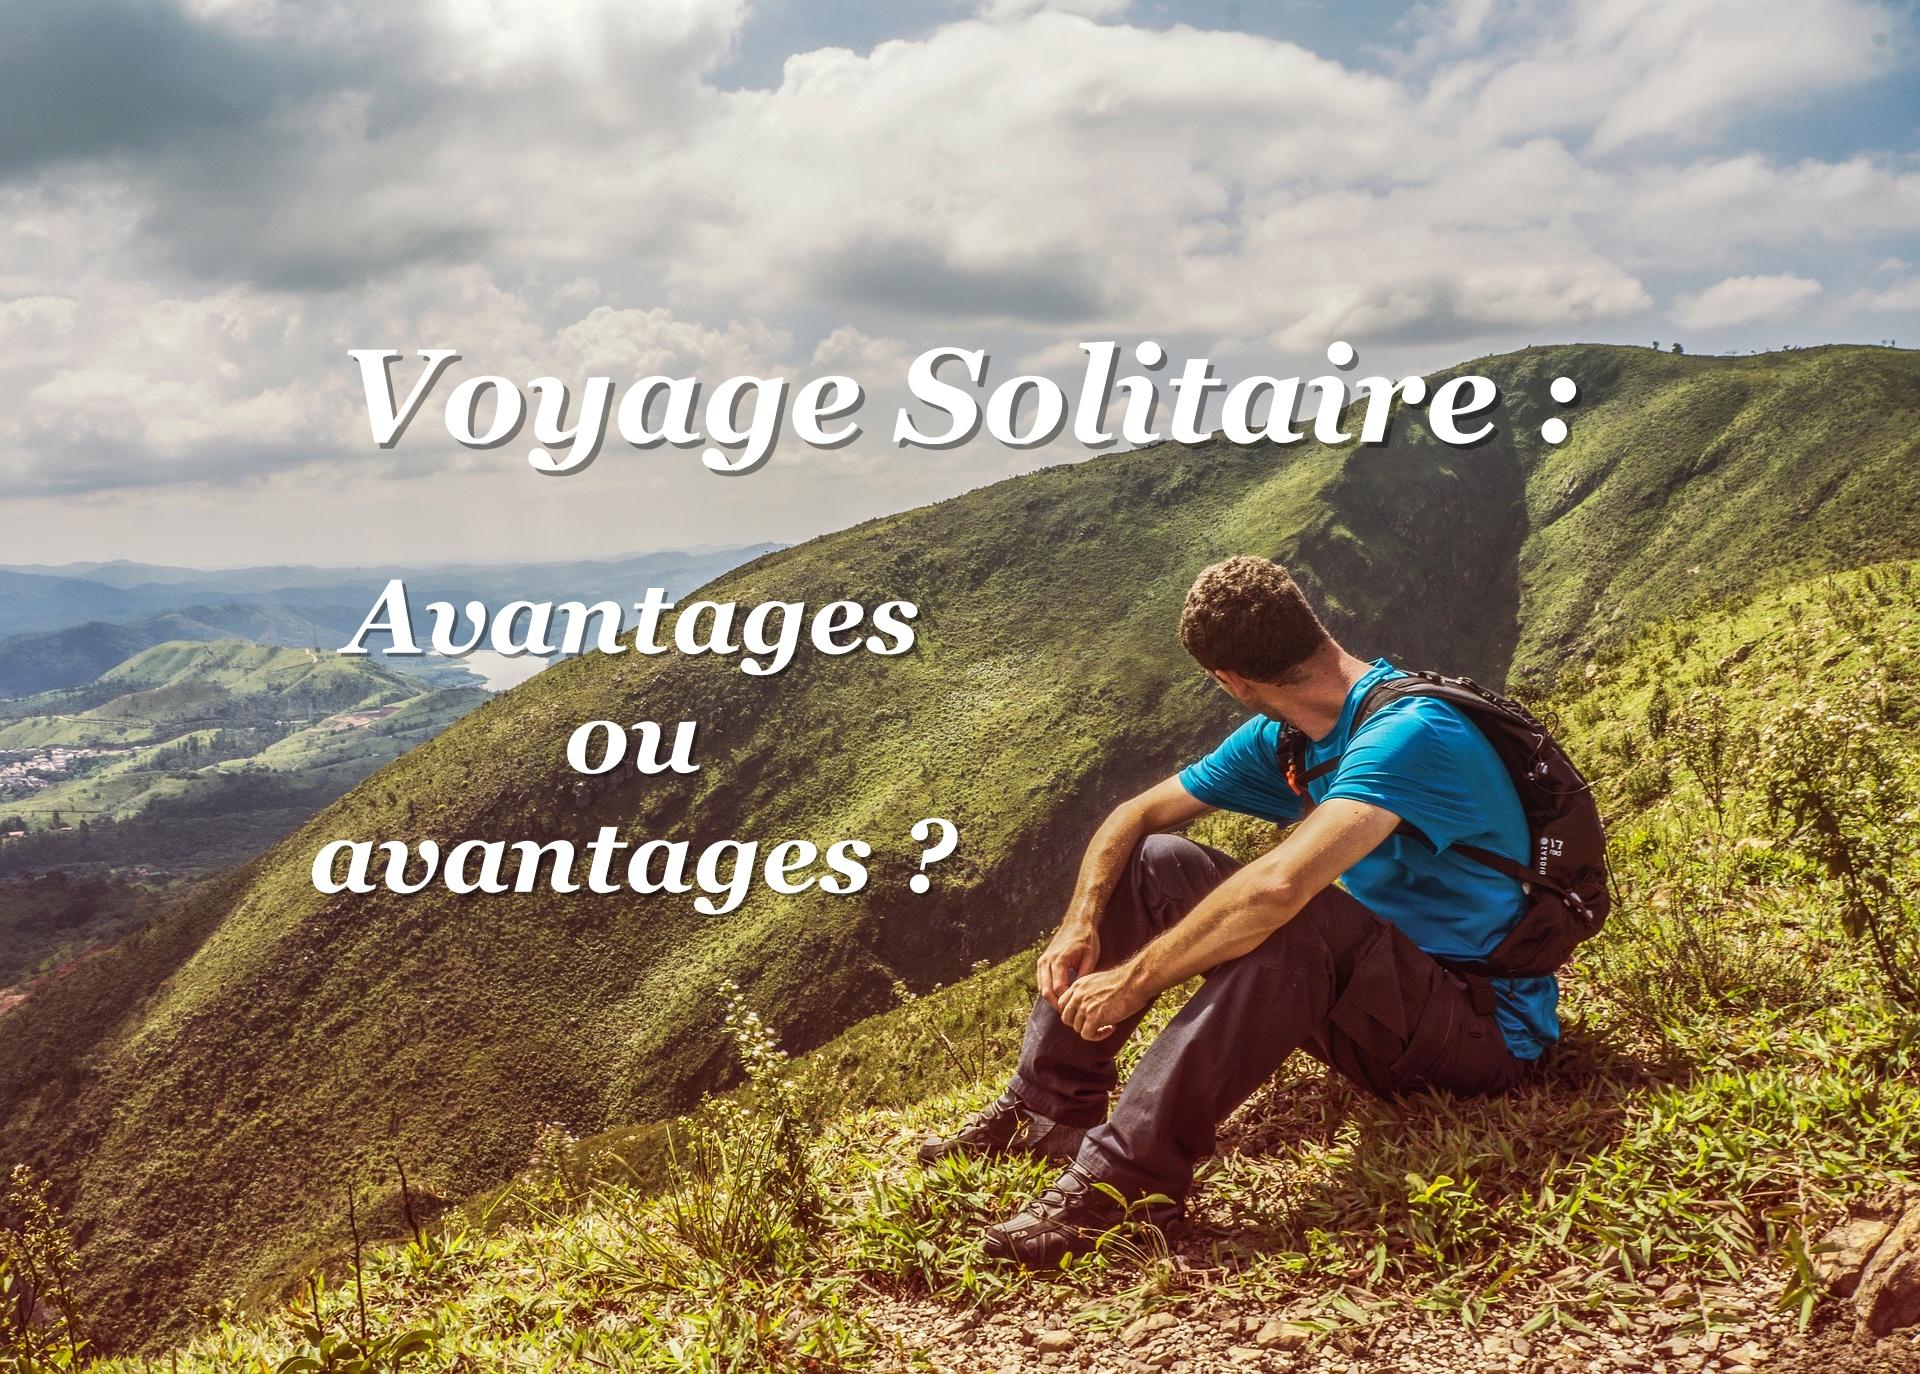 Voyage solitaire pourquoi partir voyager seul